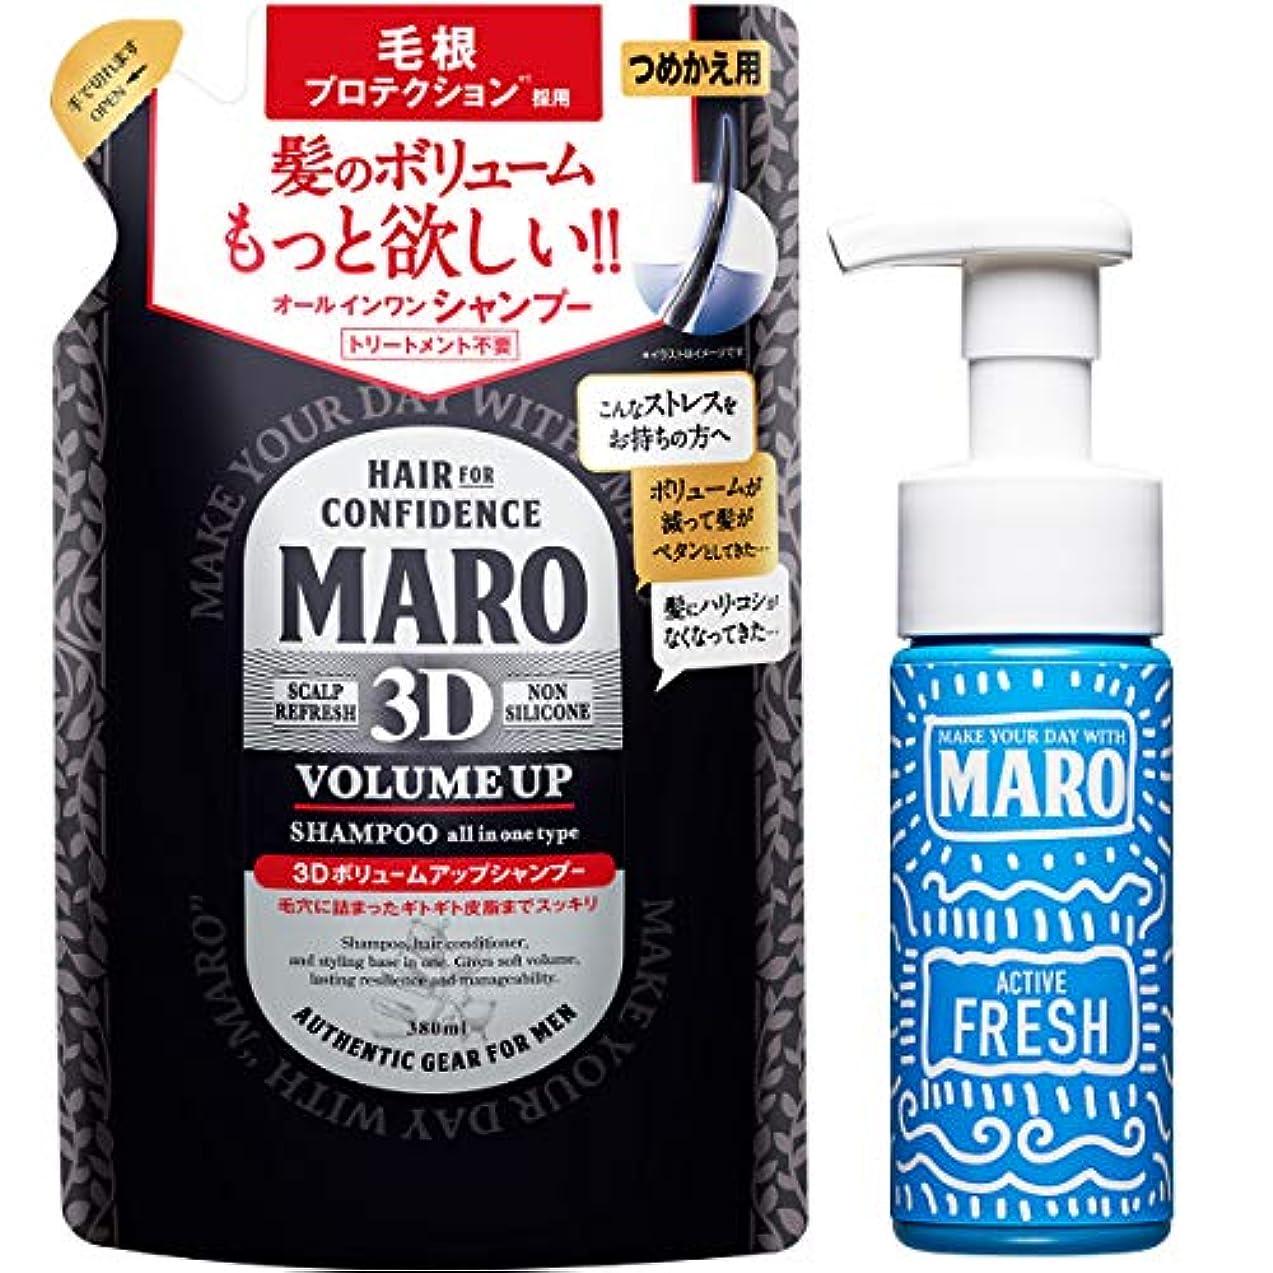 弾薬サーカスオートマトンMARO(マーロ) 3Dシャンプー 泡洗顔付き セット 380ml+150ml